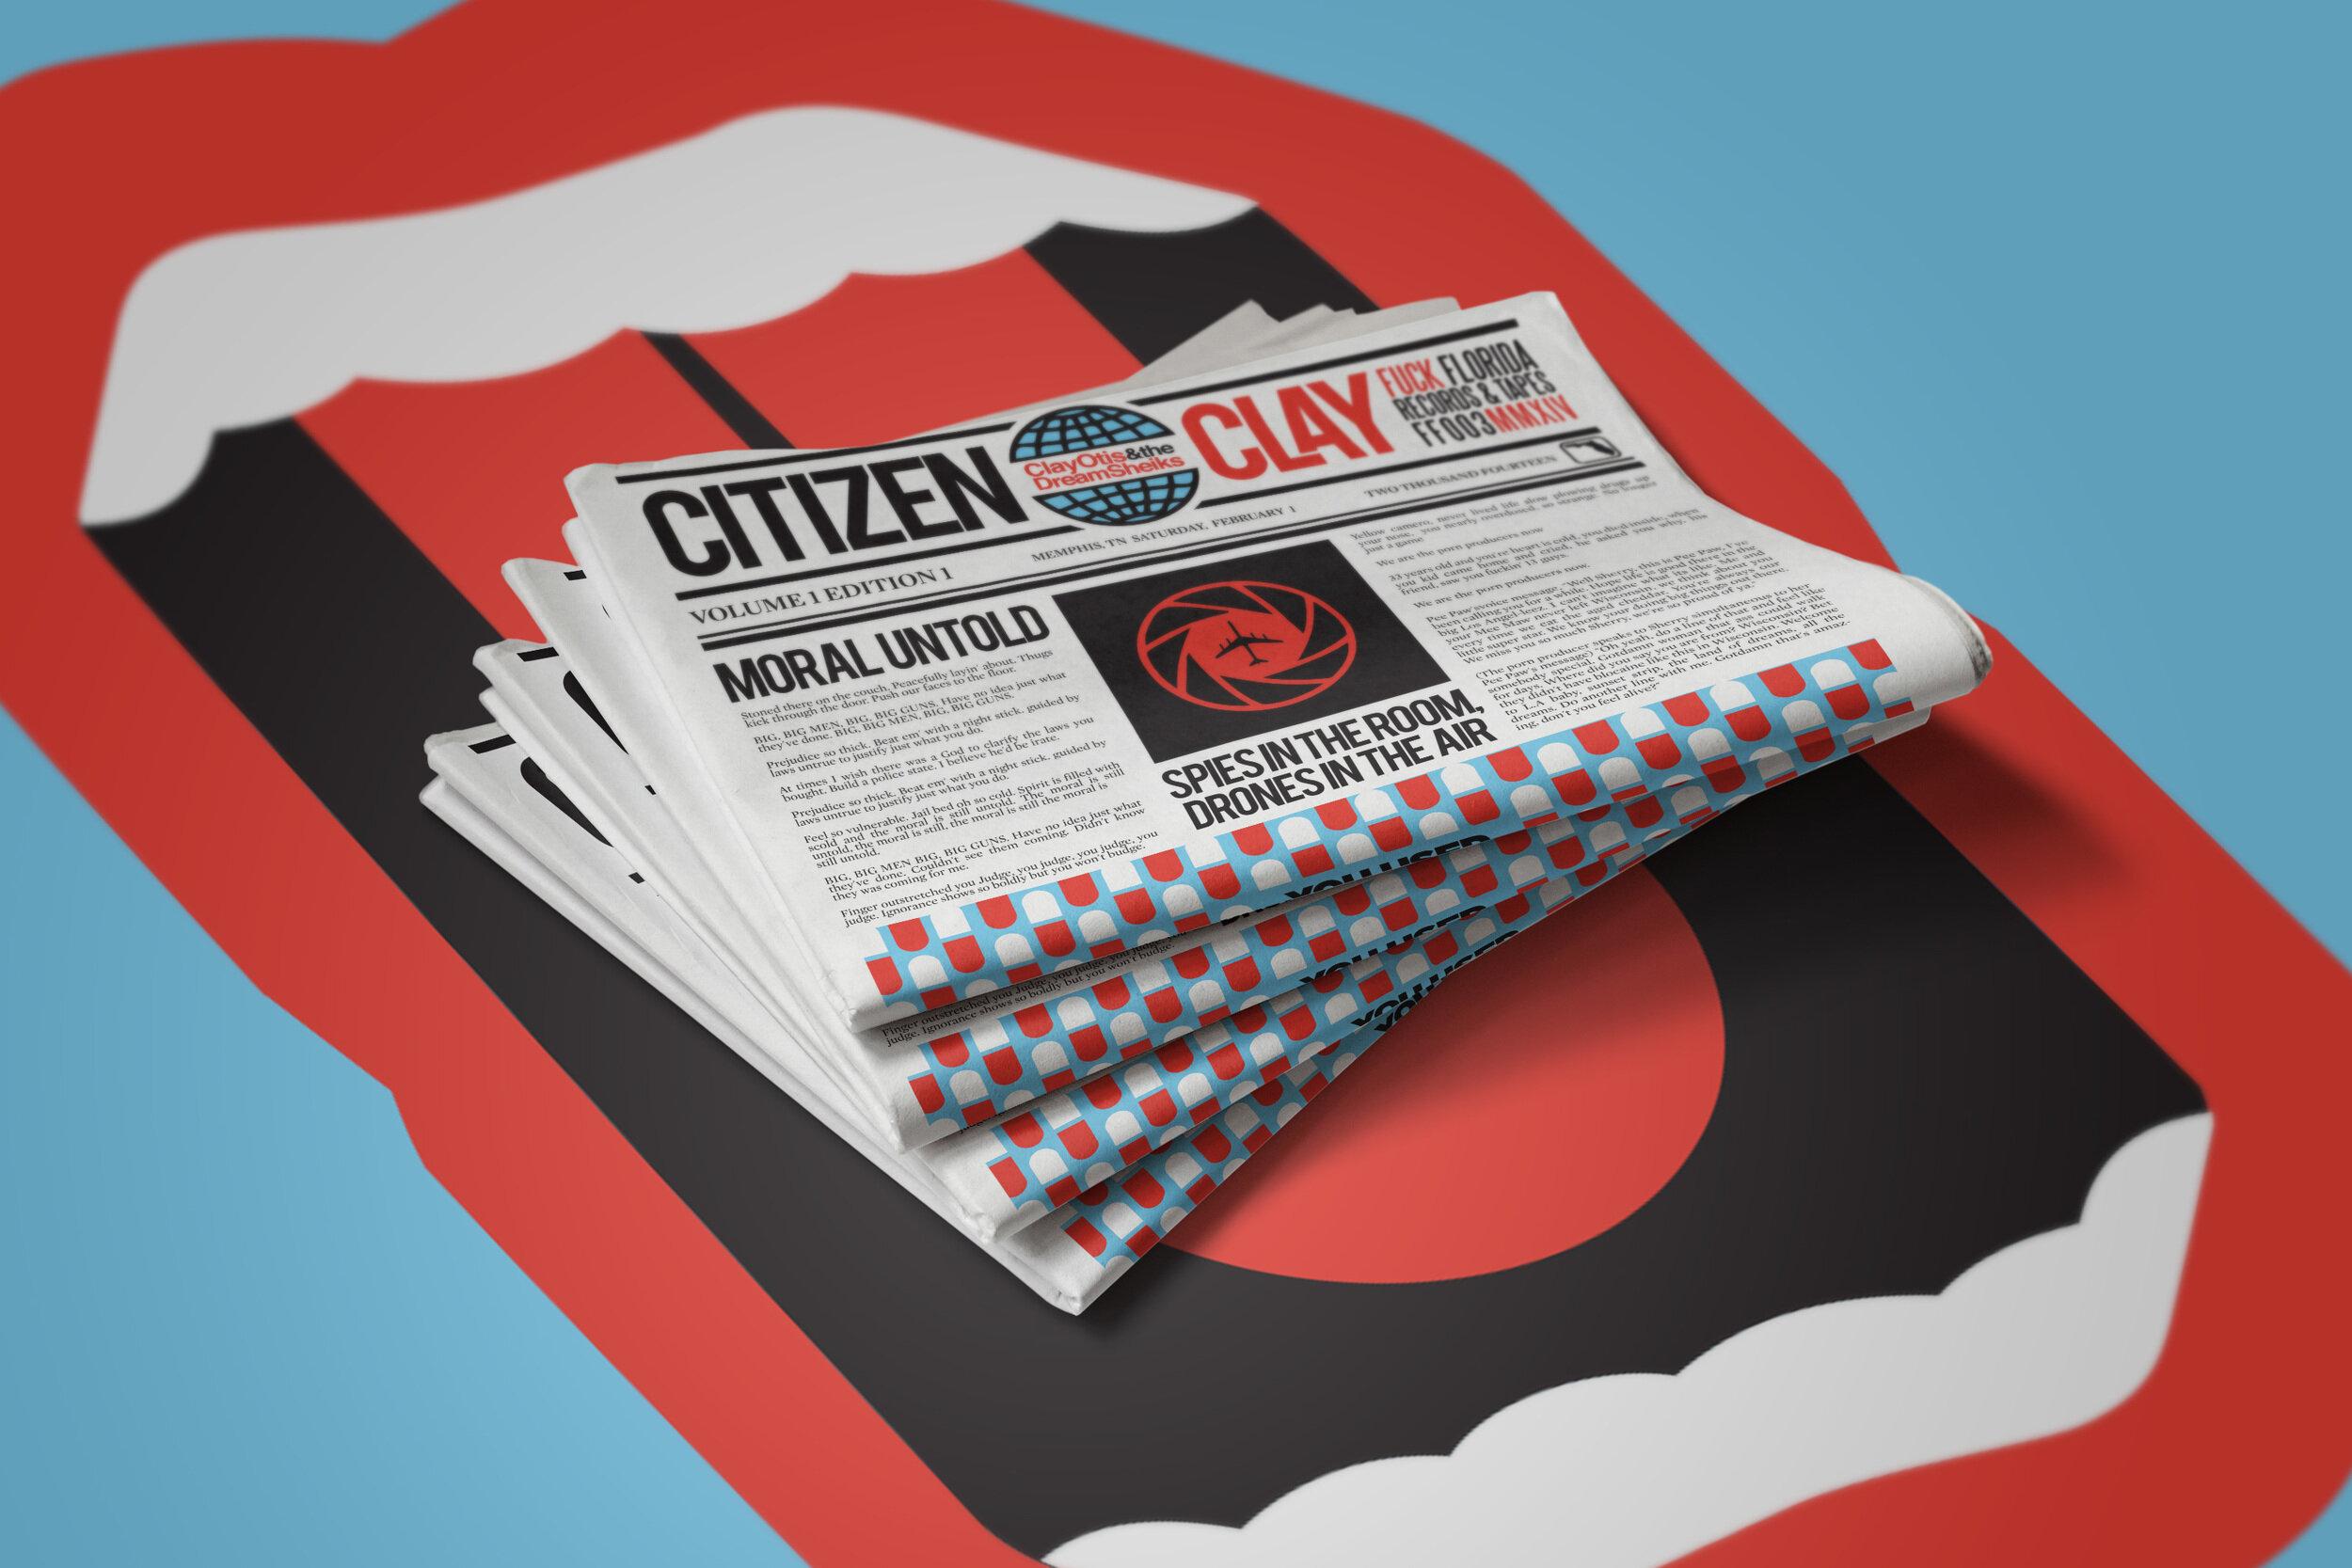 citizen-clay-teaser-2.jpg